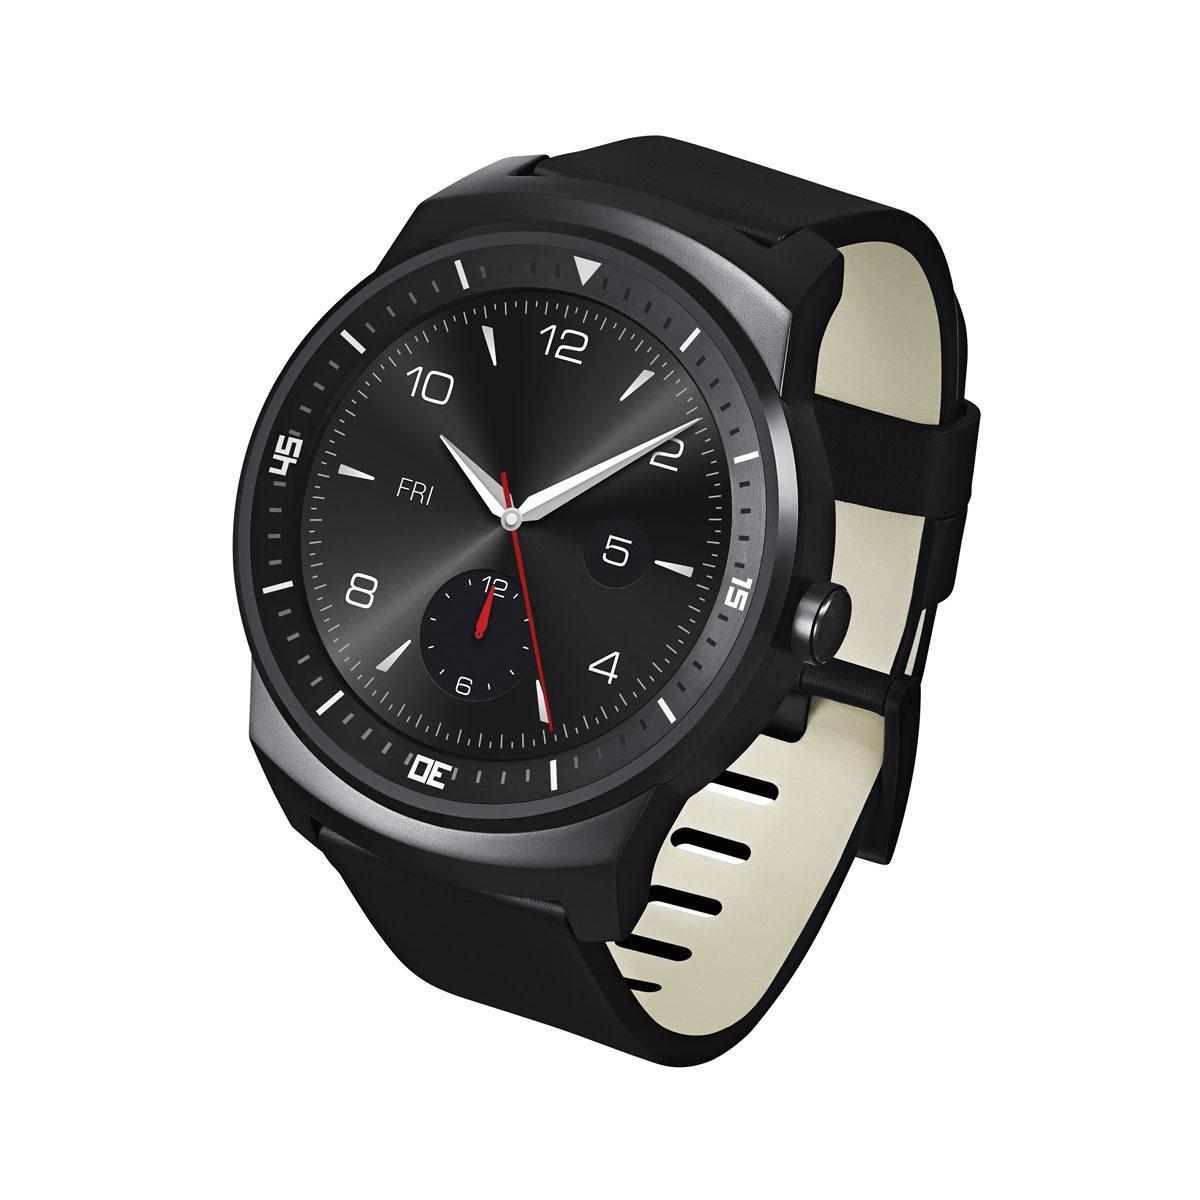 """Montre connectée LG G Watch R 4 Go Montre connectée Bluetooth sous Android Wear certifiée IP67 avec écran tactile P-OLED 1.3"""""""